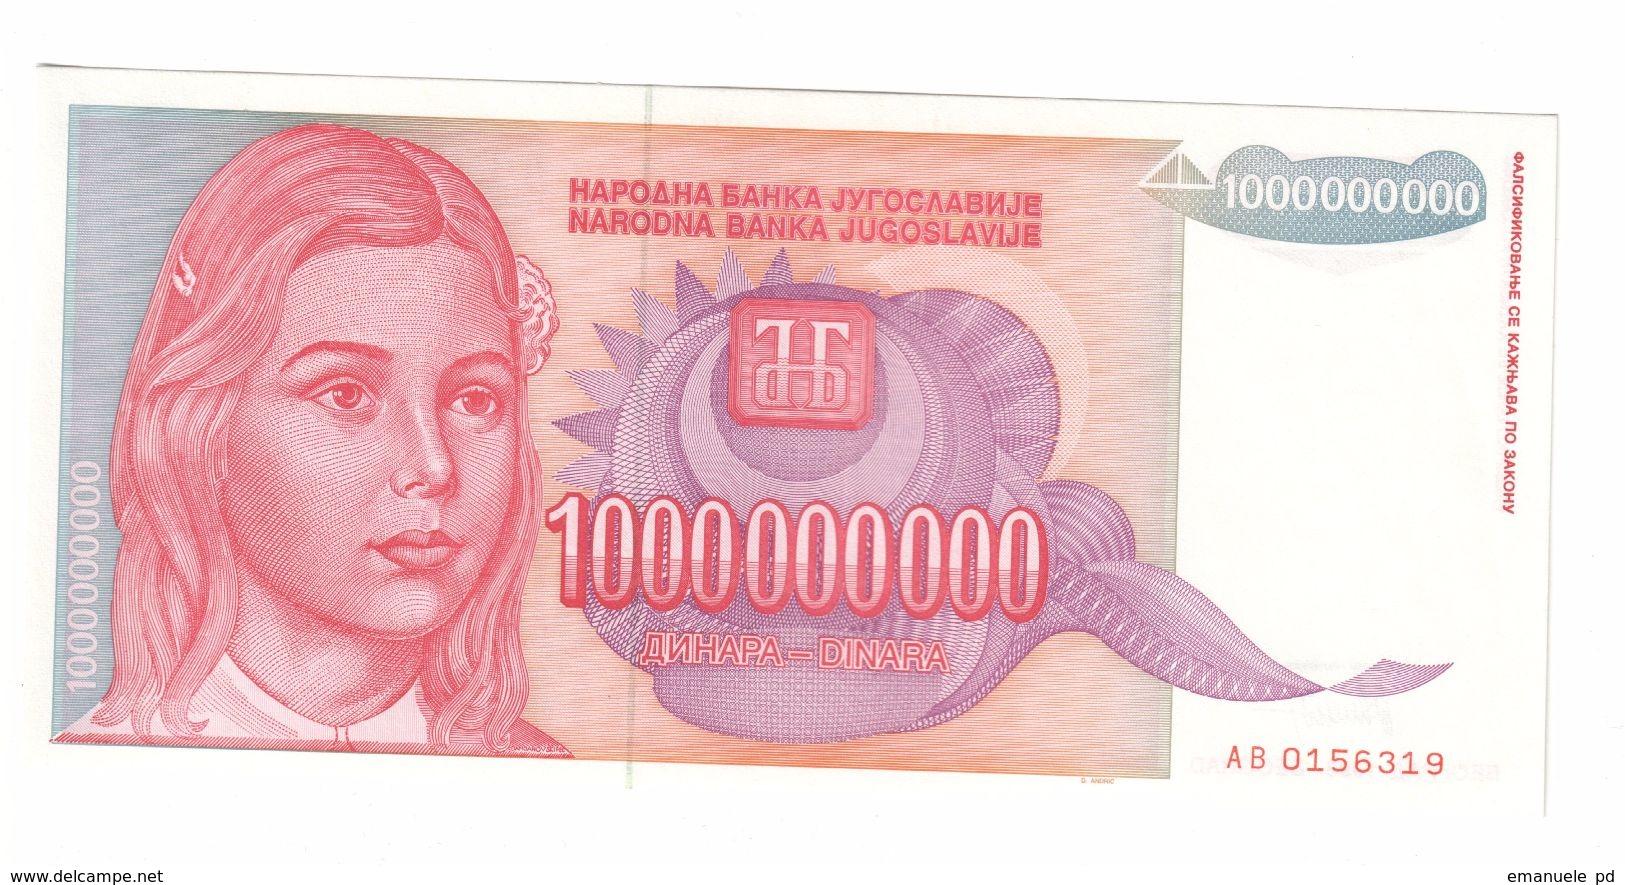 YUGOSLAVIA UNC 1000000000 Dinara 1993 Pick 126 - Yugoslavia